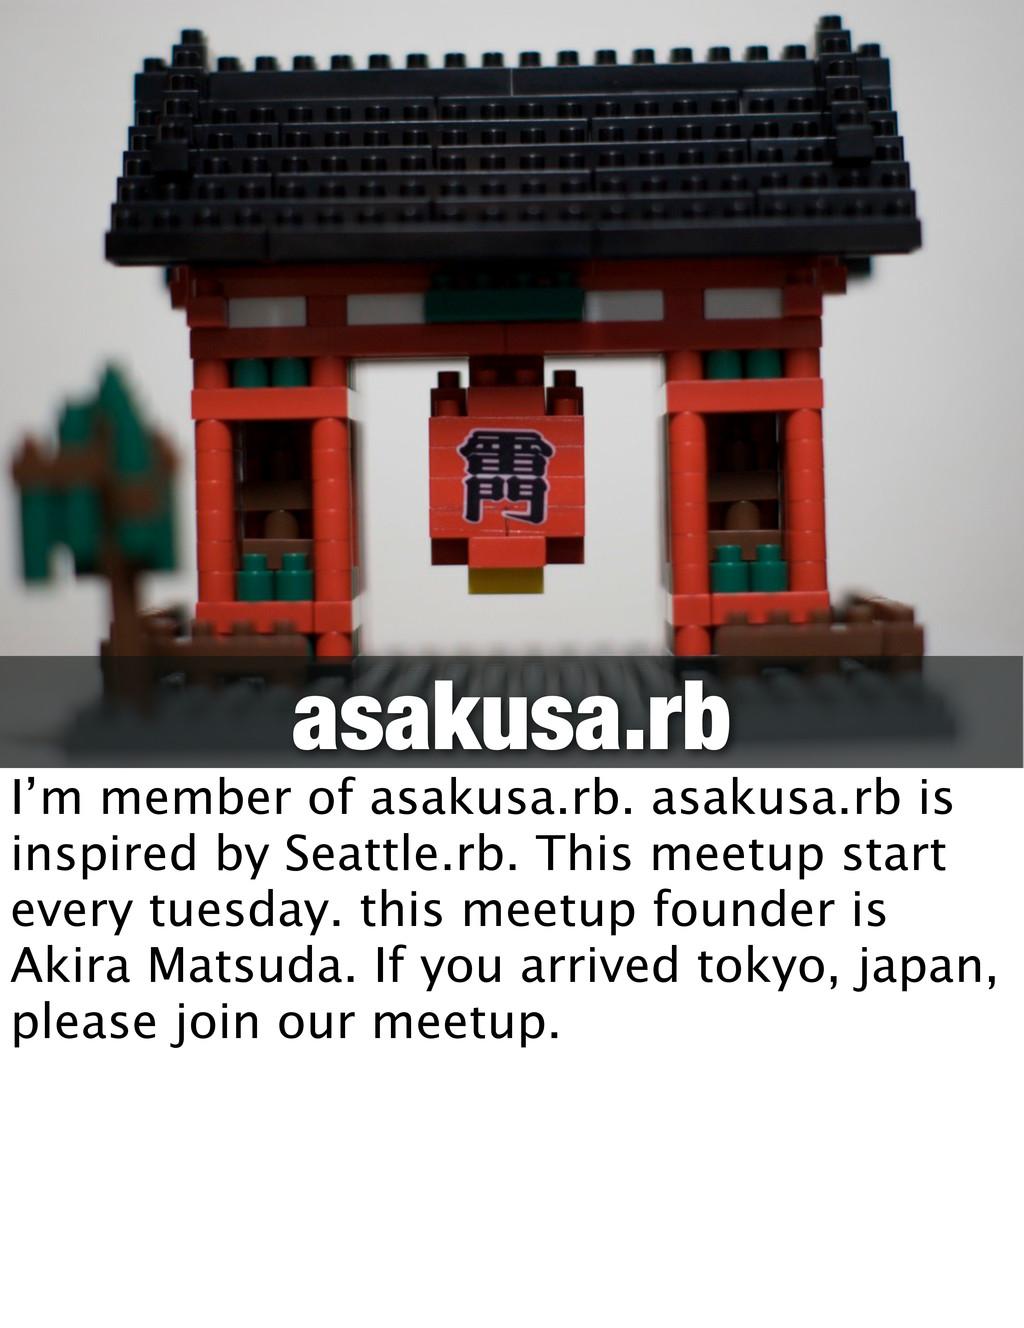 asakusa.rb I'm member of asakusa.rb. asakusa.rb...